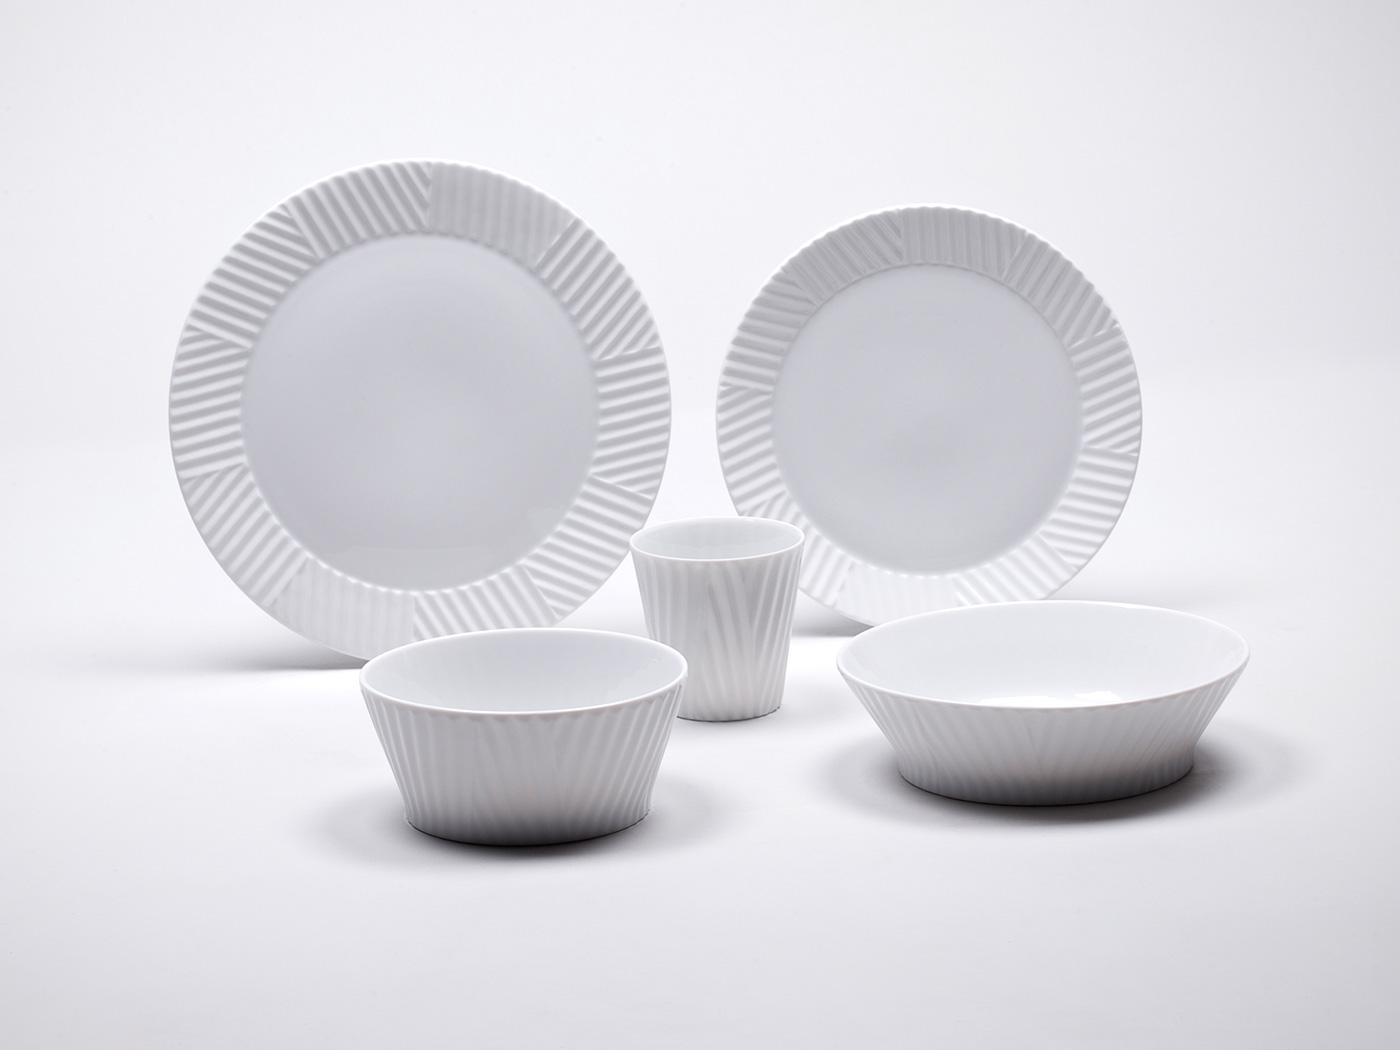 Oda Pottery (Hikari collection)